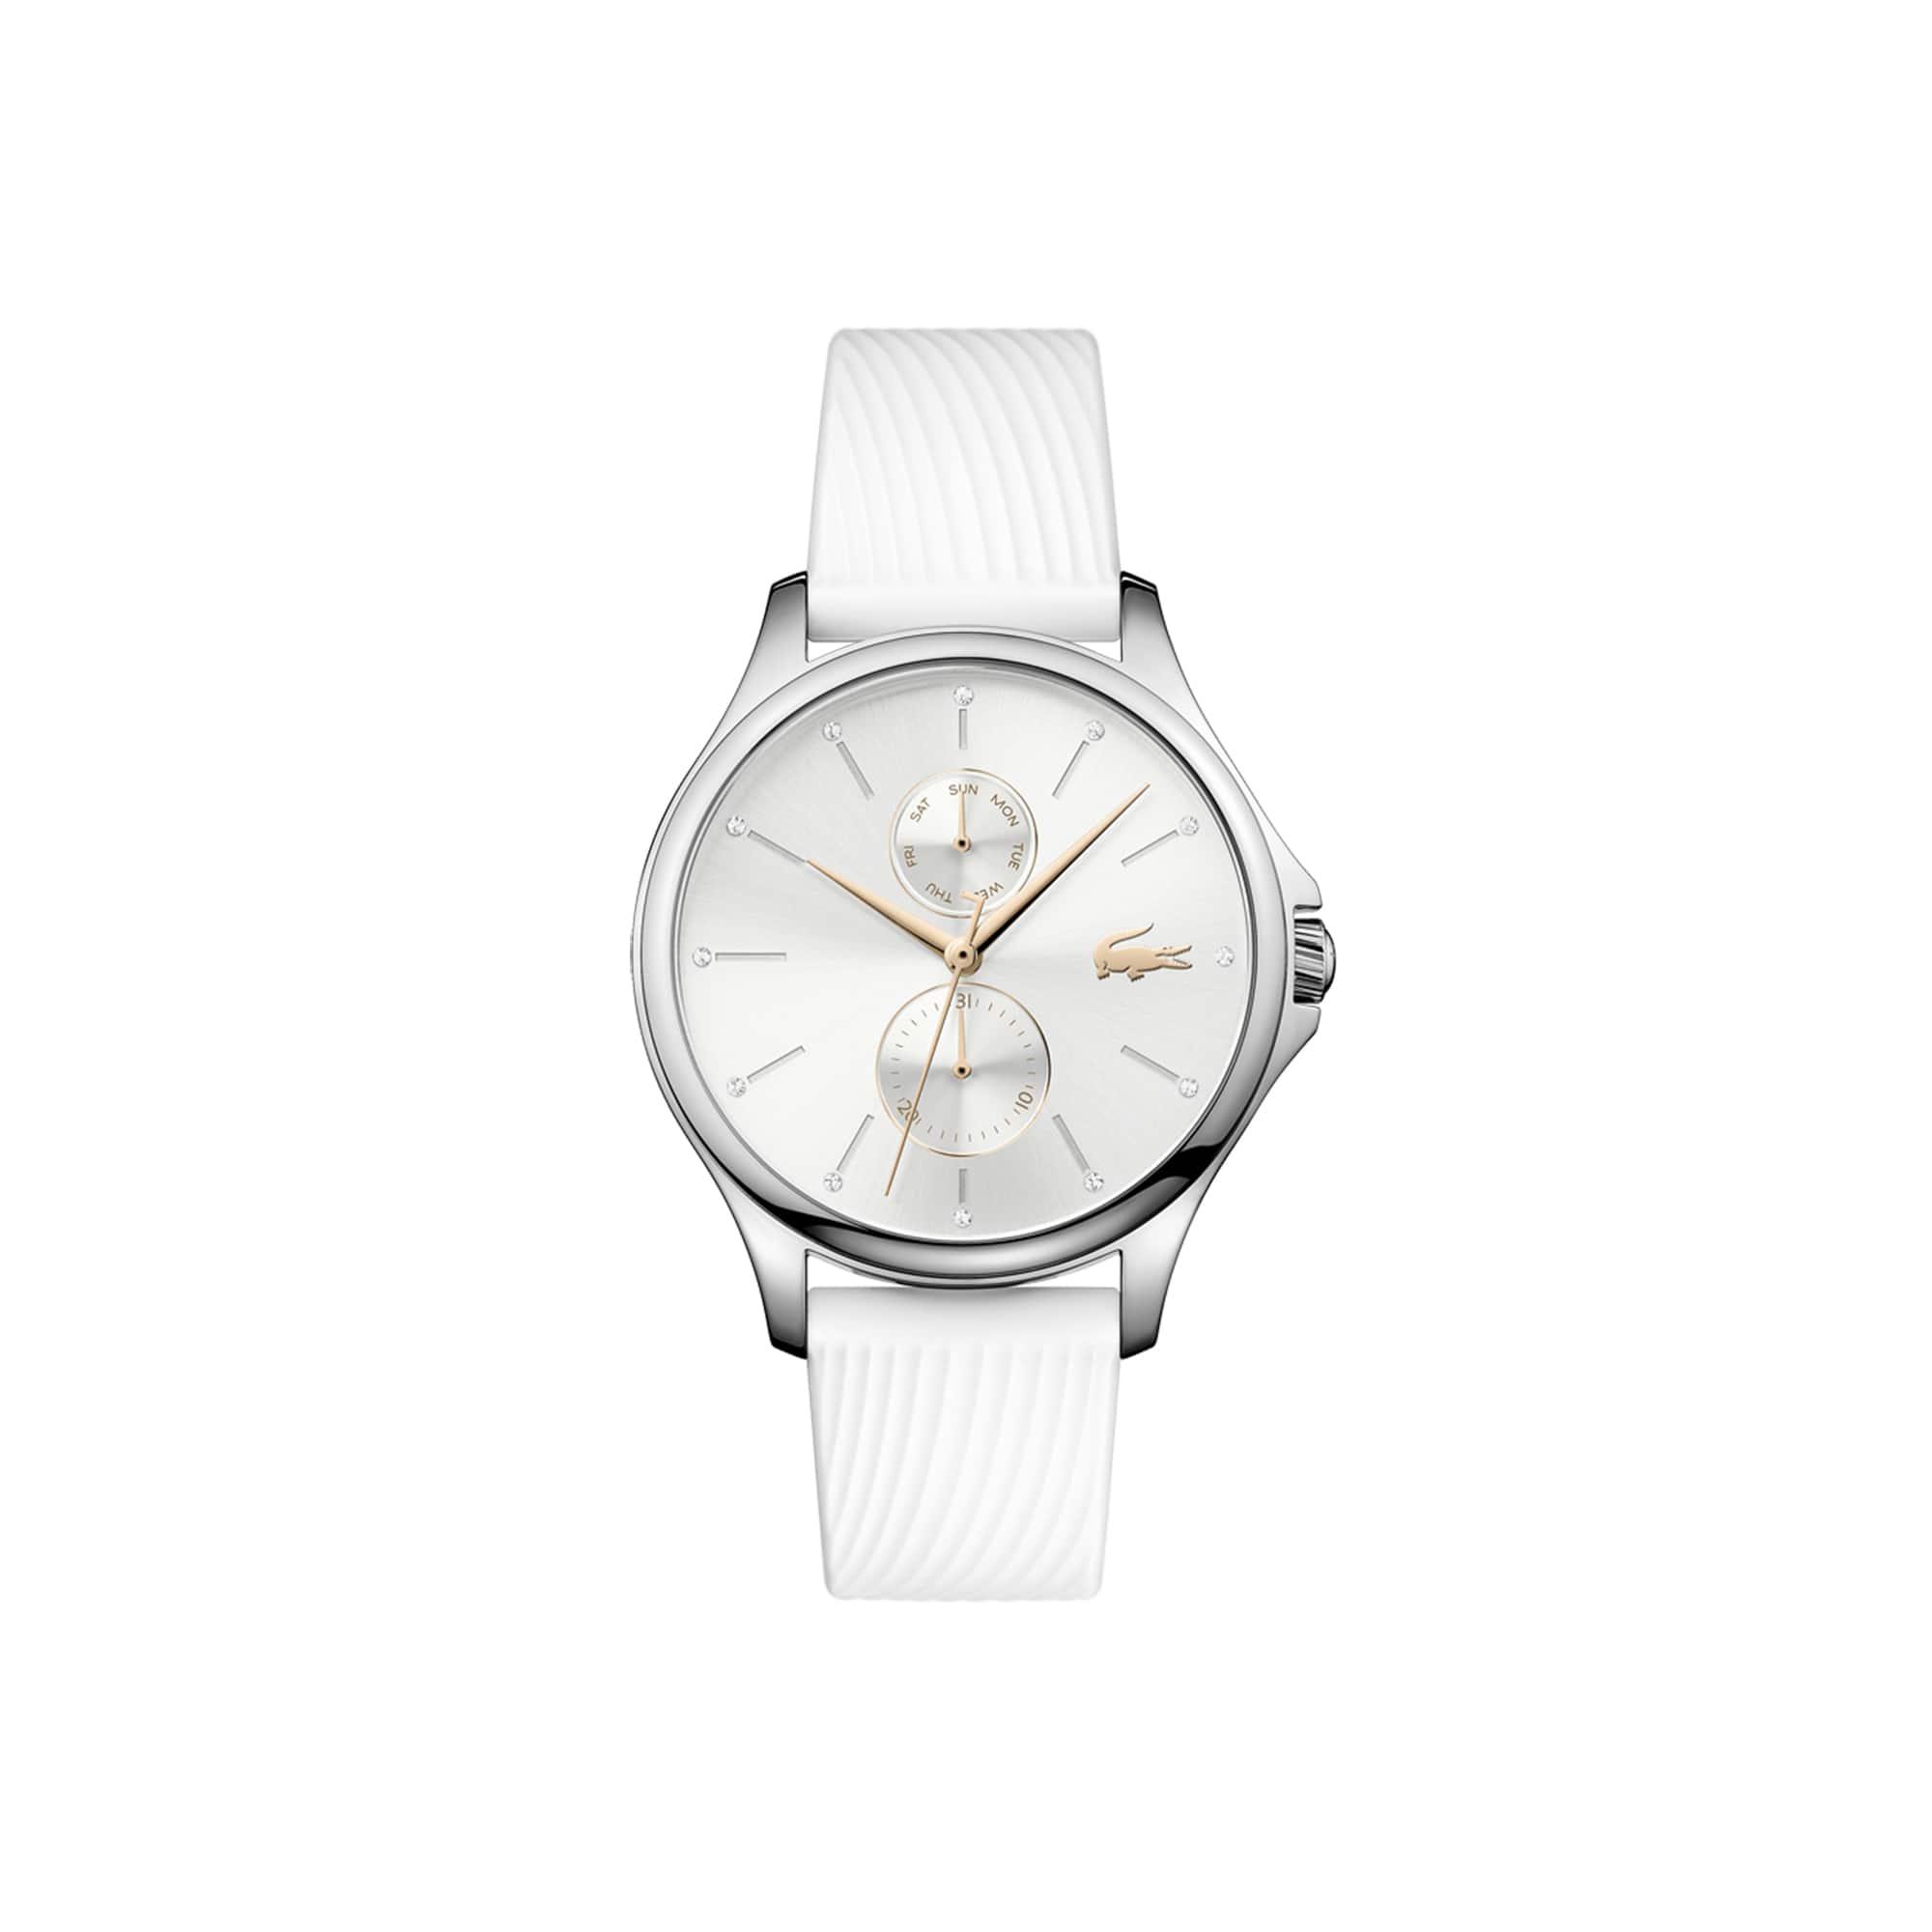 Reloj de Mujer Kea Multifunción con Correa de Silicona Blanca